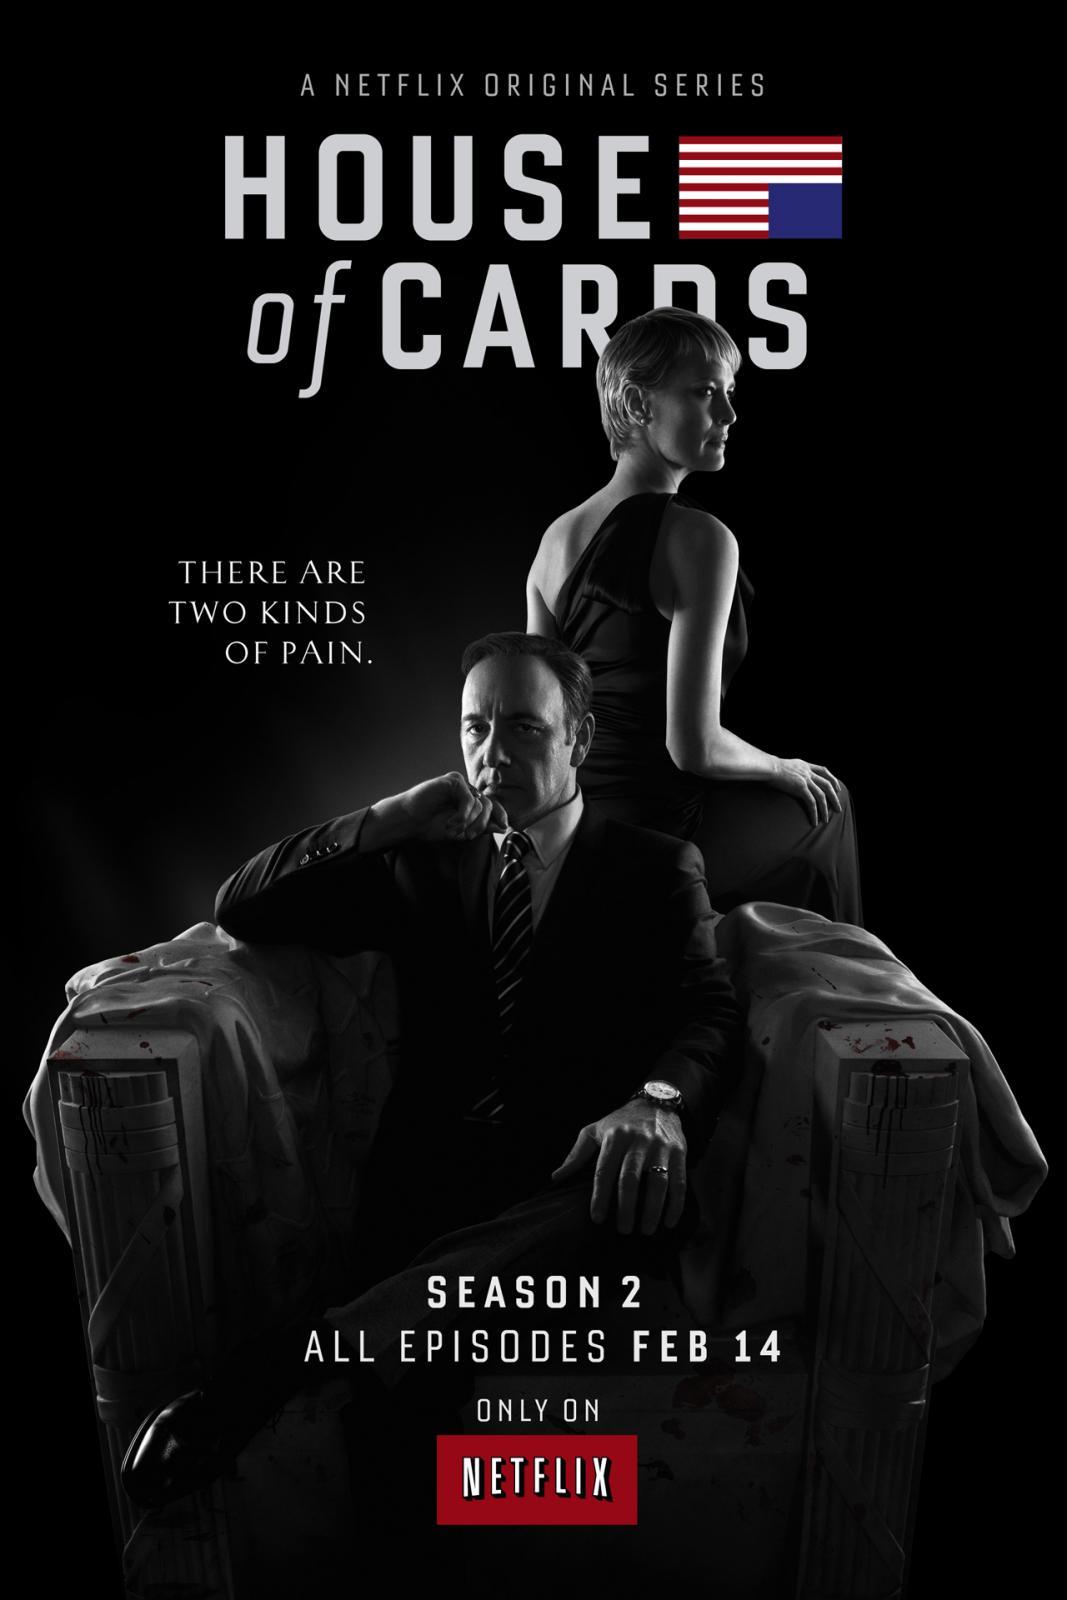 Карточный домик (House of Cards, Netflix) - постер 2 сезона.jpg